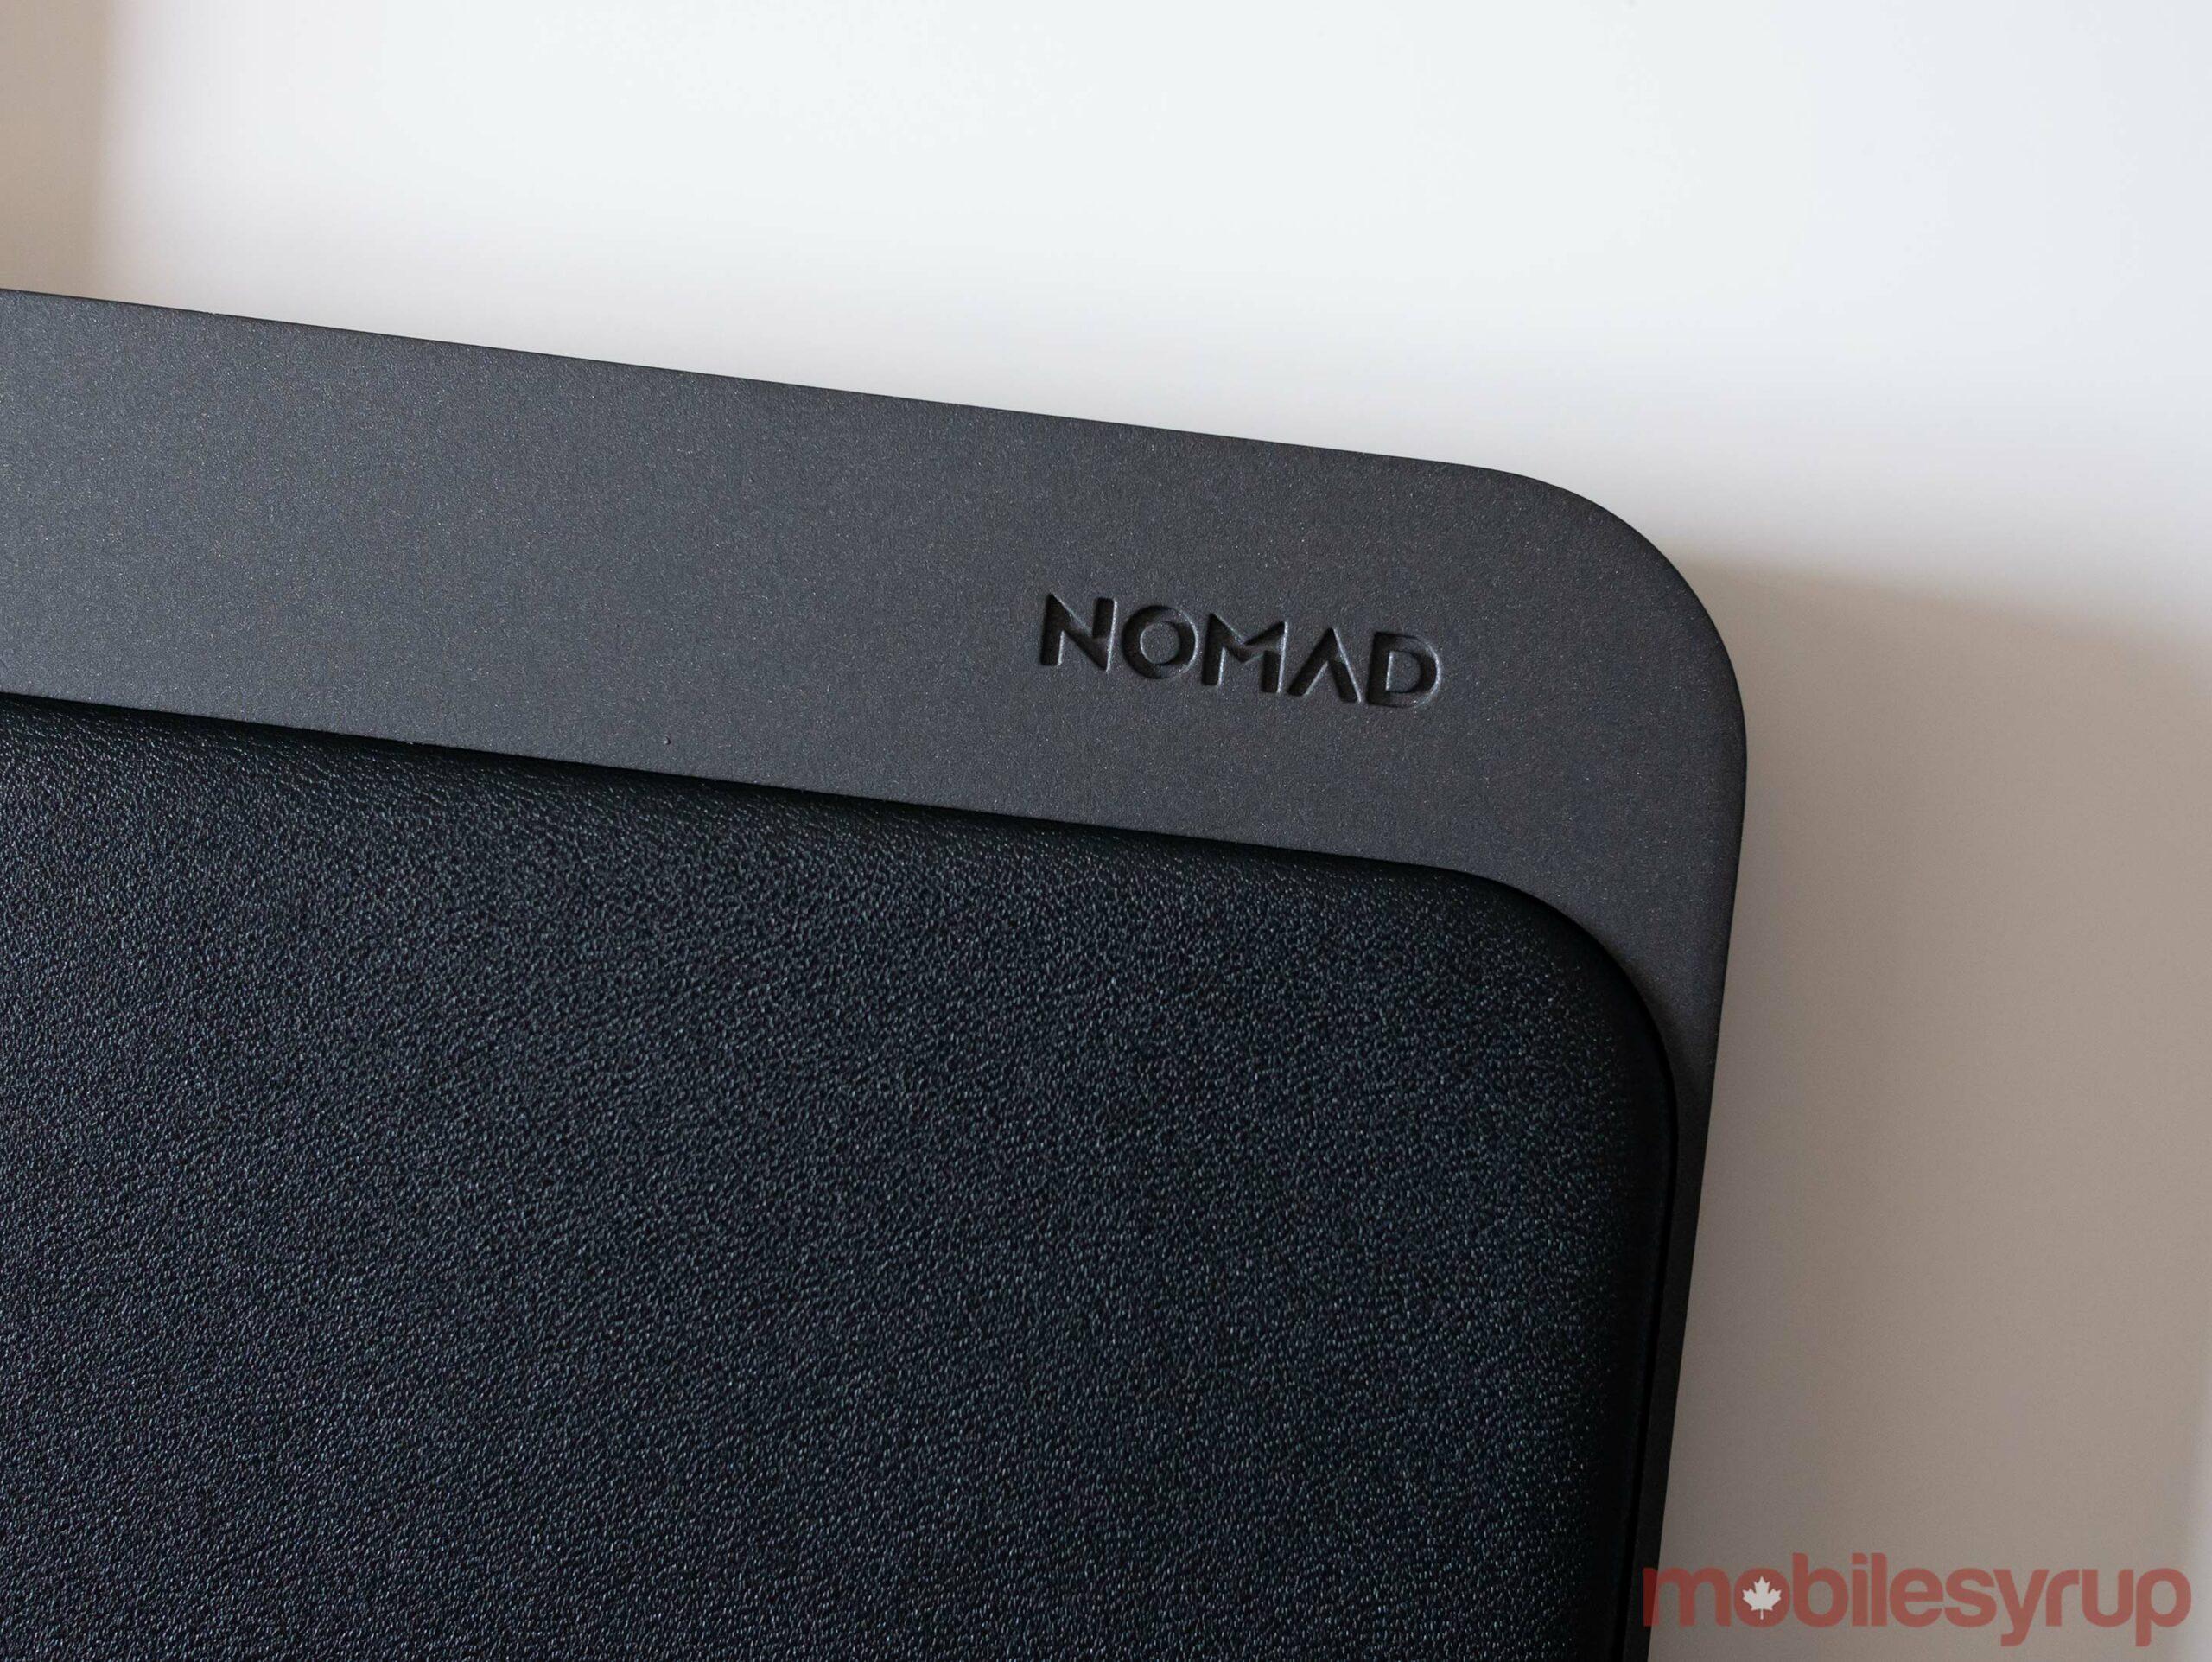 Nomad Base Station Pro logo